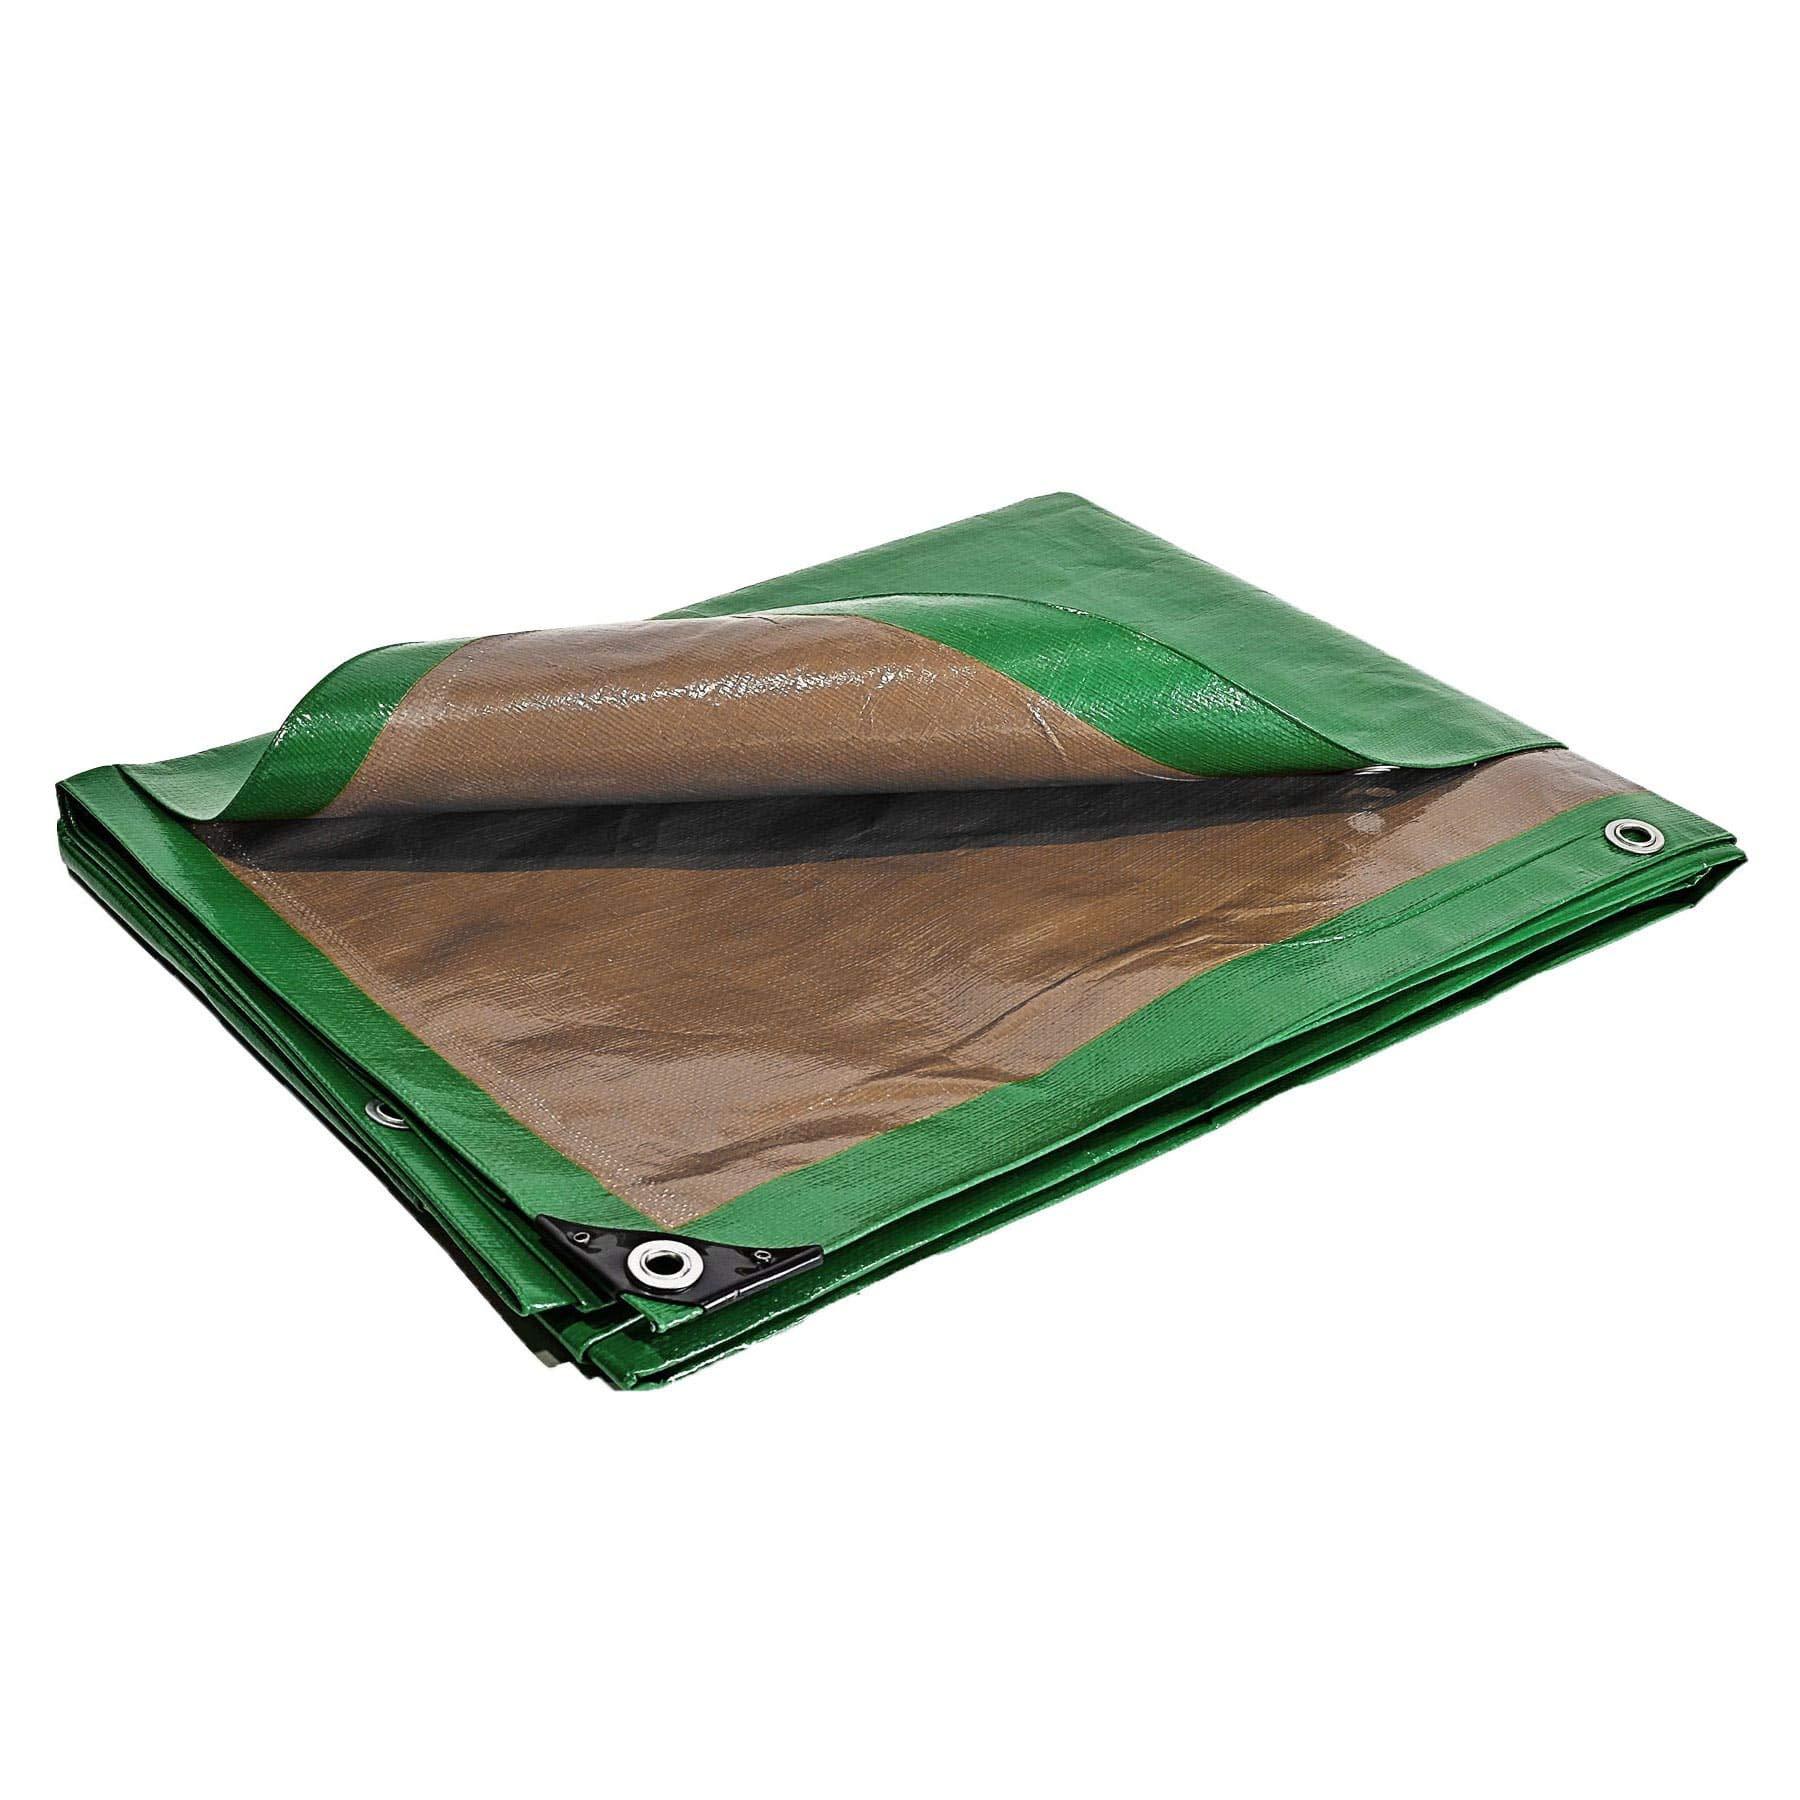 Bâche pergola 250 g/m² - 4 x 5 m - toile pergola - toile pour tonnelle - bache exterieur - bache terrasse: Amazon.es: Bricolaje y herramientas